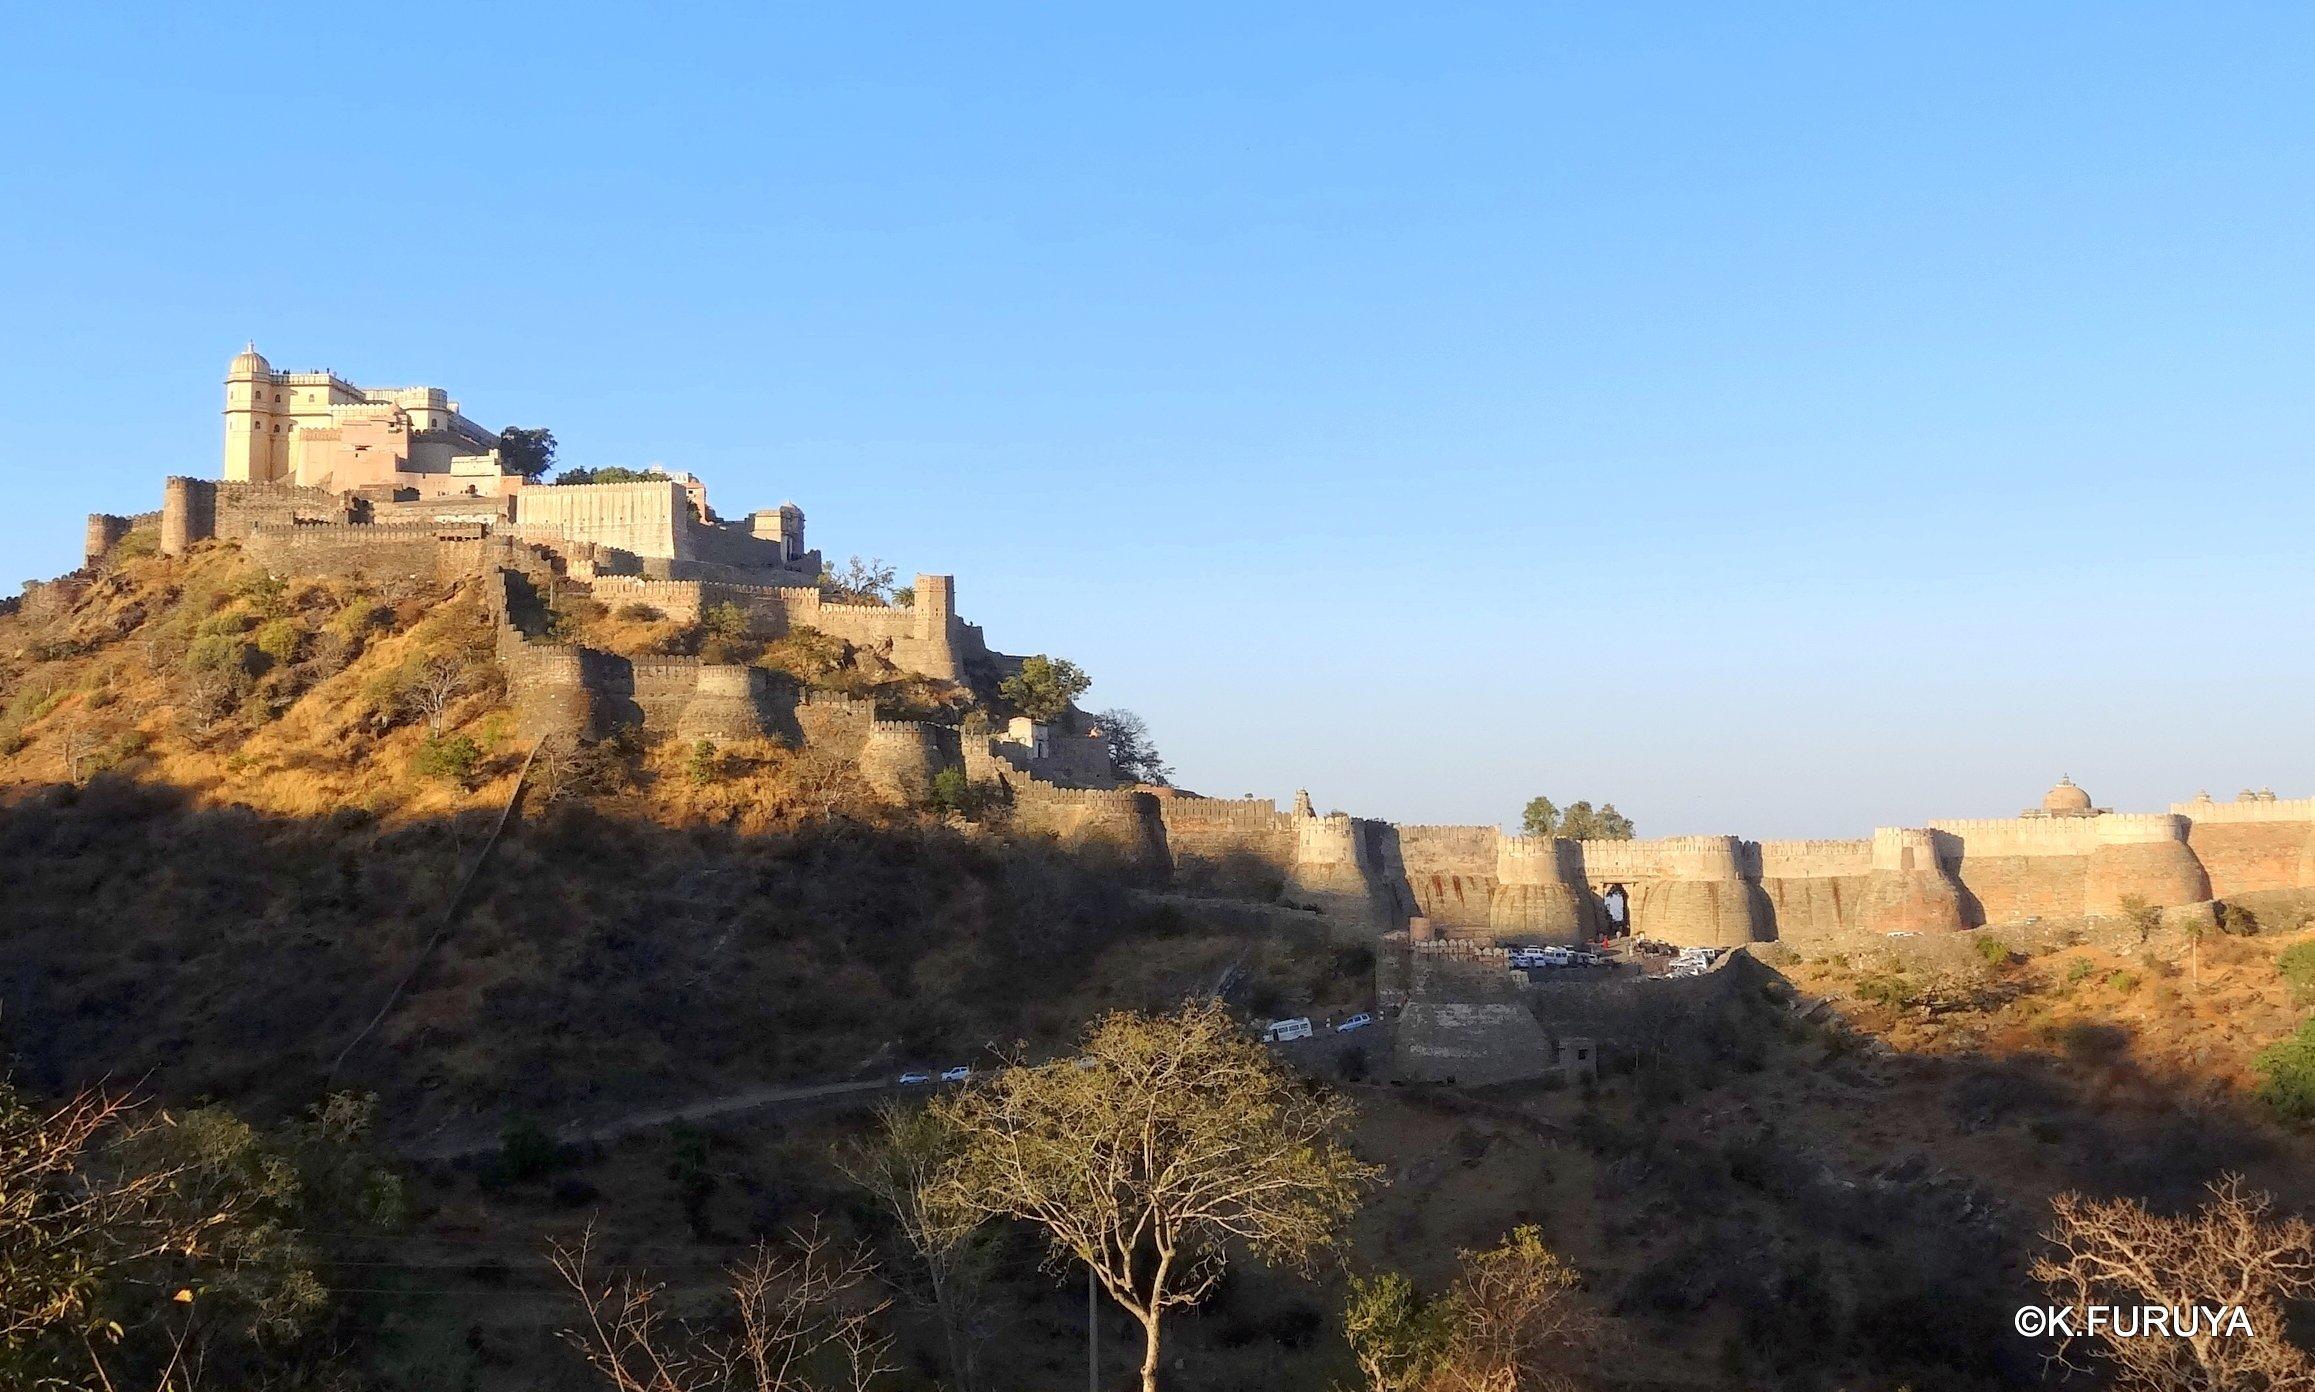 インド・ラジャスタンの旅 12 インド版「万里の長城」クンバルガル砦_a0092659_16501039.jpg